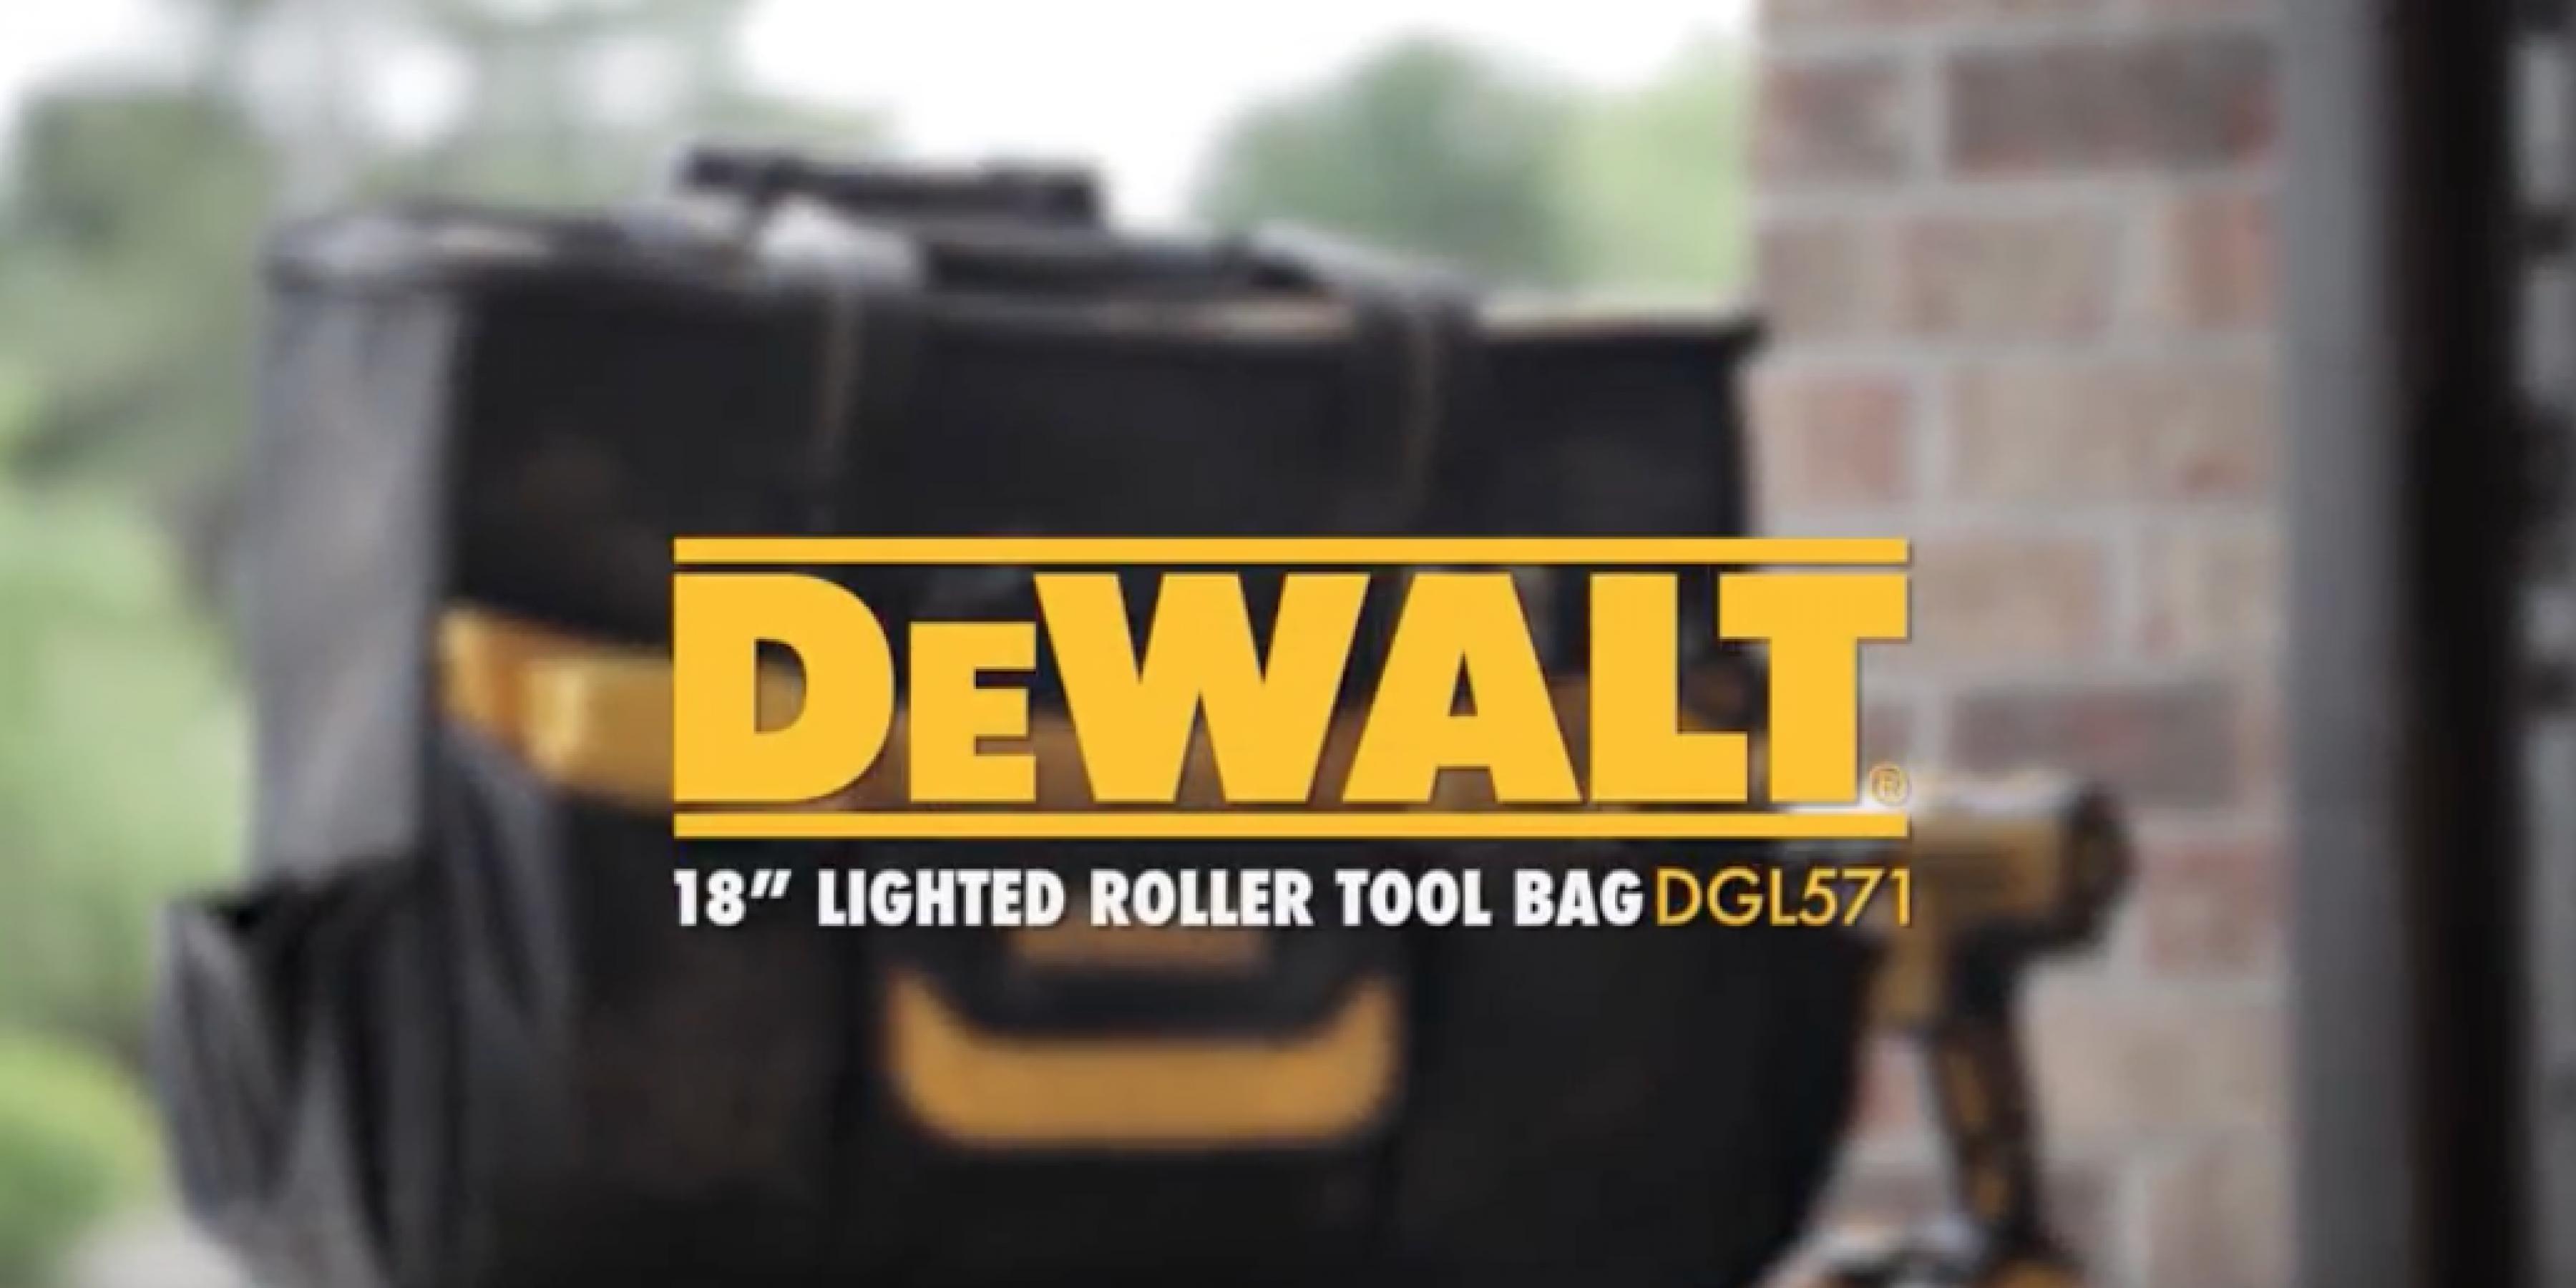 DEWALT DGL571 18